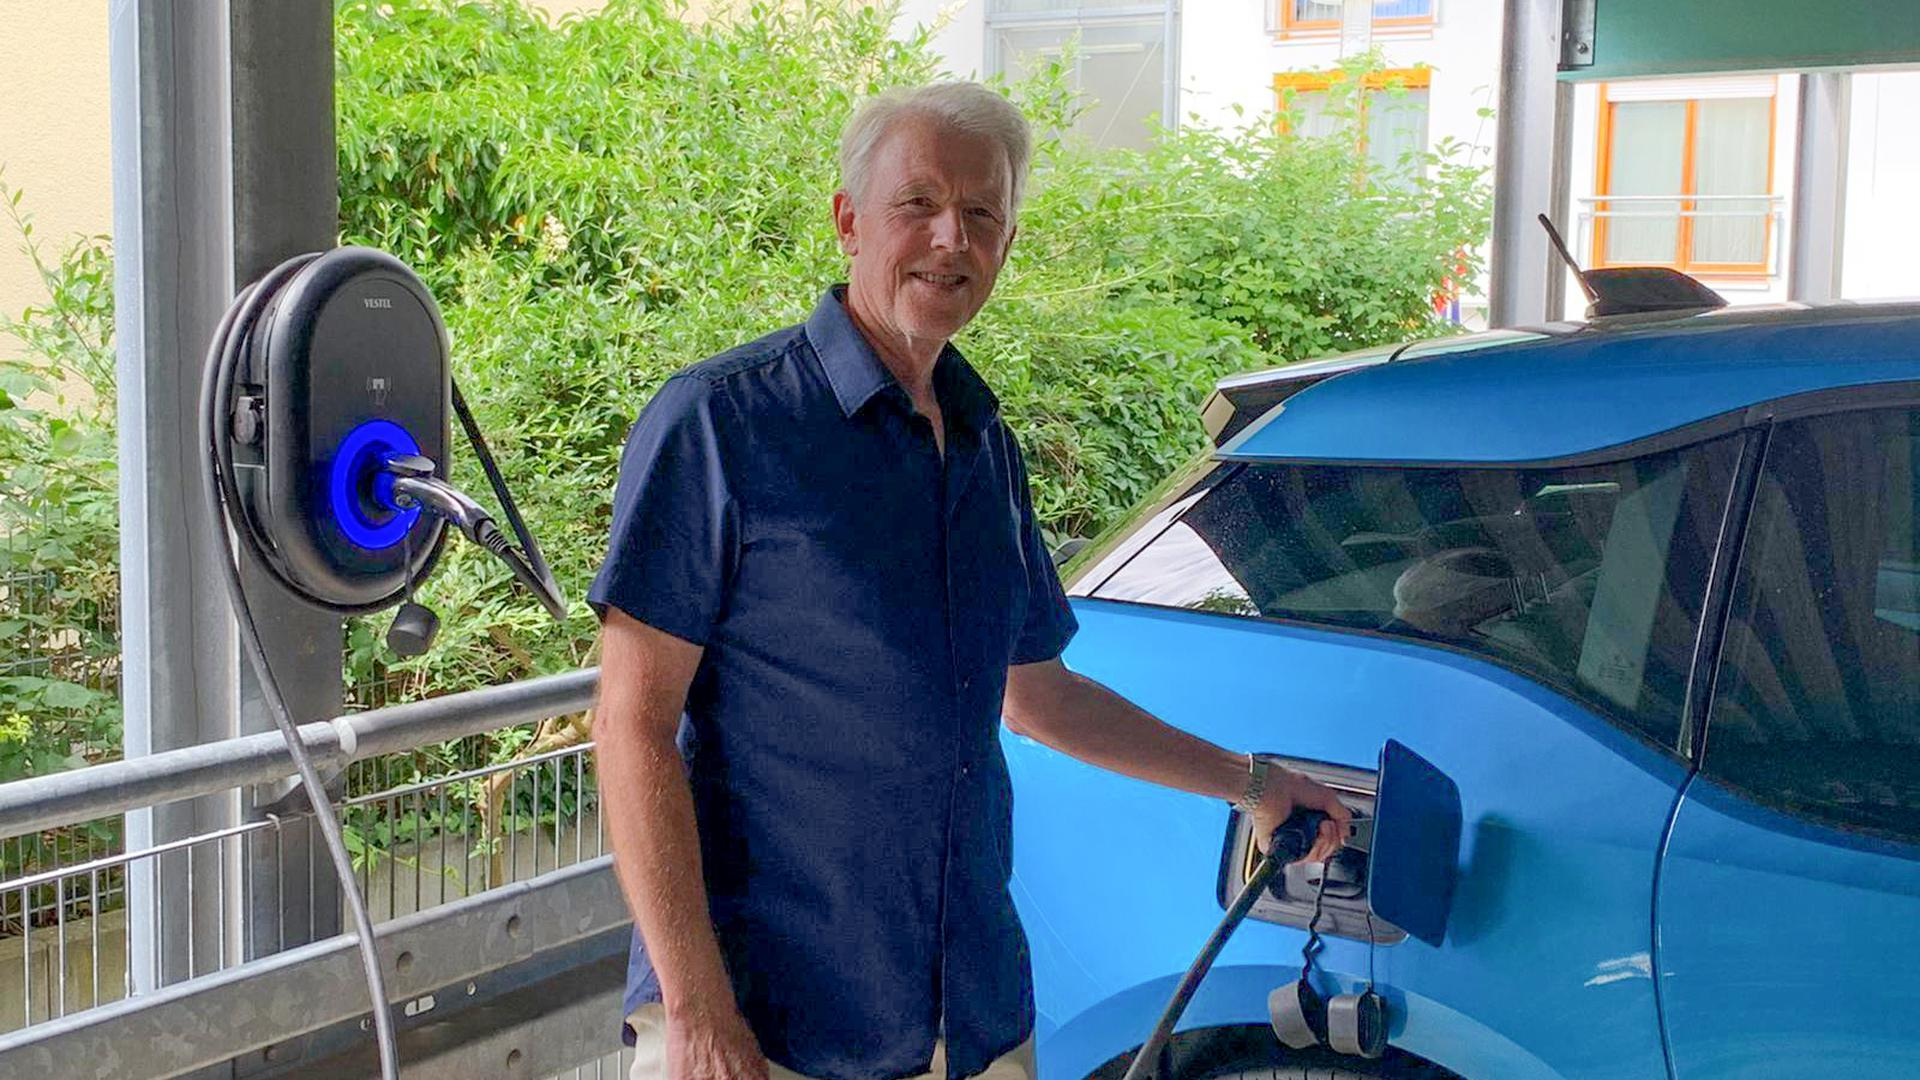 Einfach Aufgeladen: In der Regel schließt Jürgen Conrads aus Stutensee-Blankenloch sein blaues Elektroauto über Nacht an die private Ladestation an.